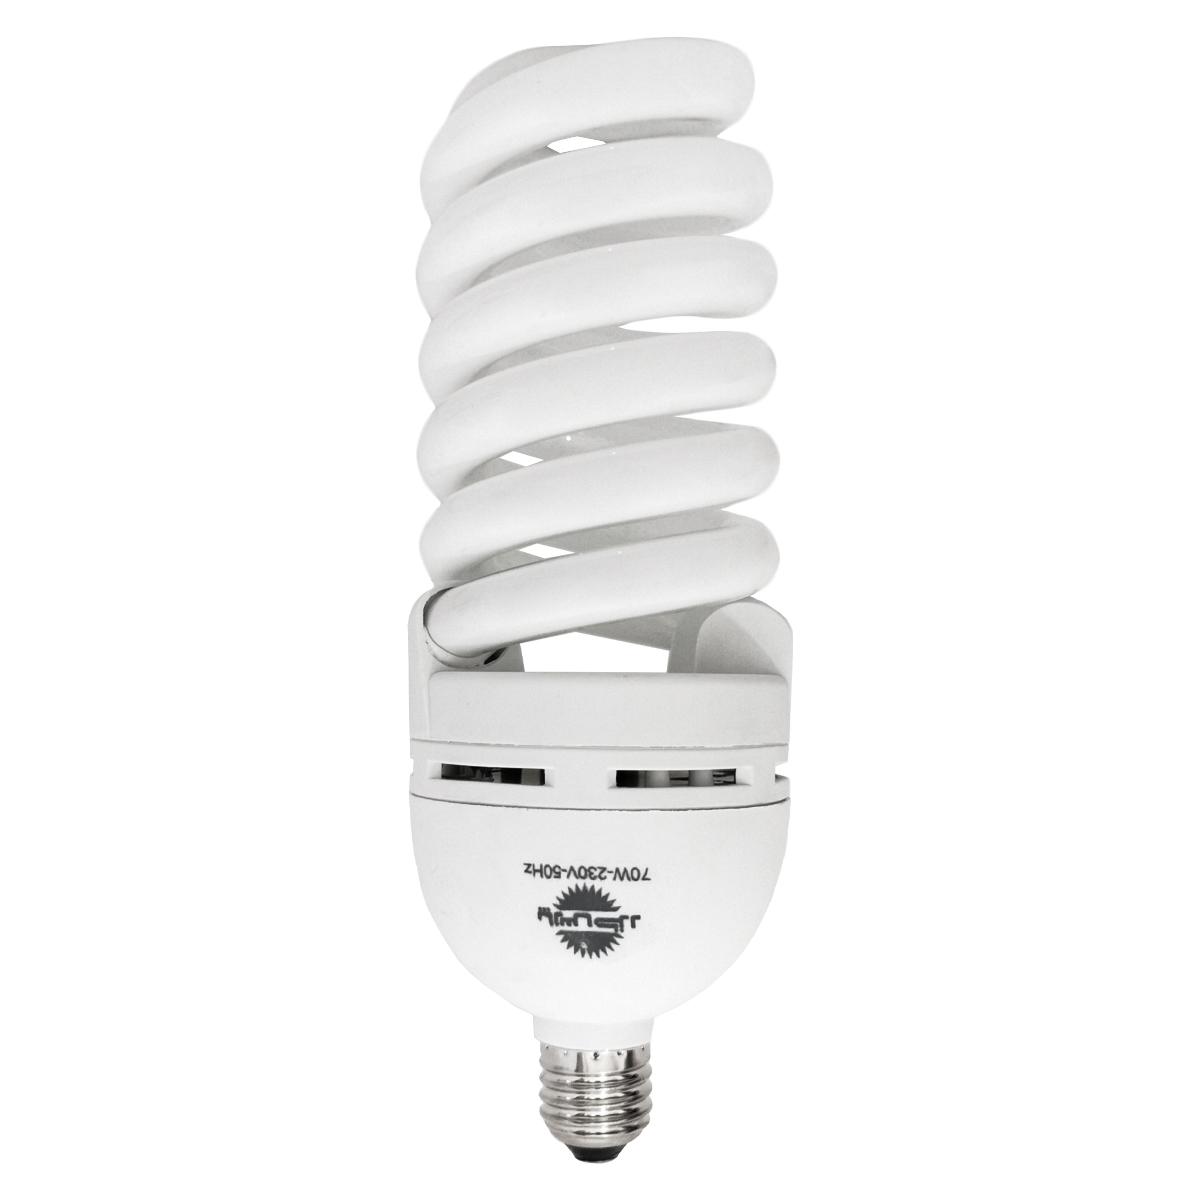 لامپ کم مصرف 70 وات پارس خزر مدل Pk101 پایه E27